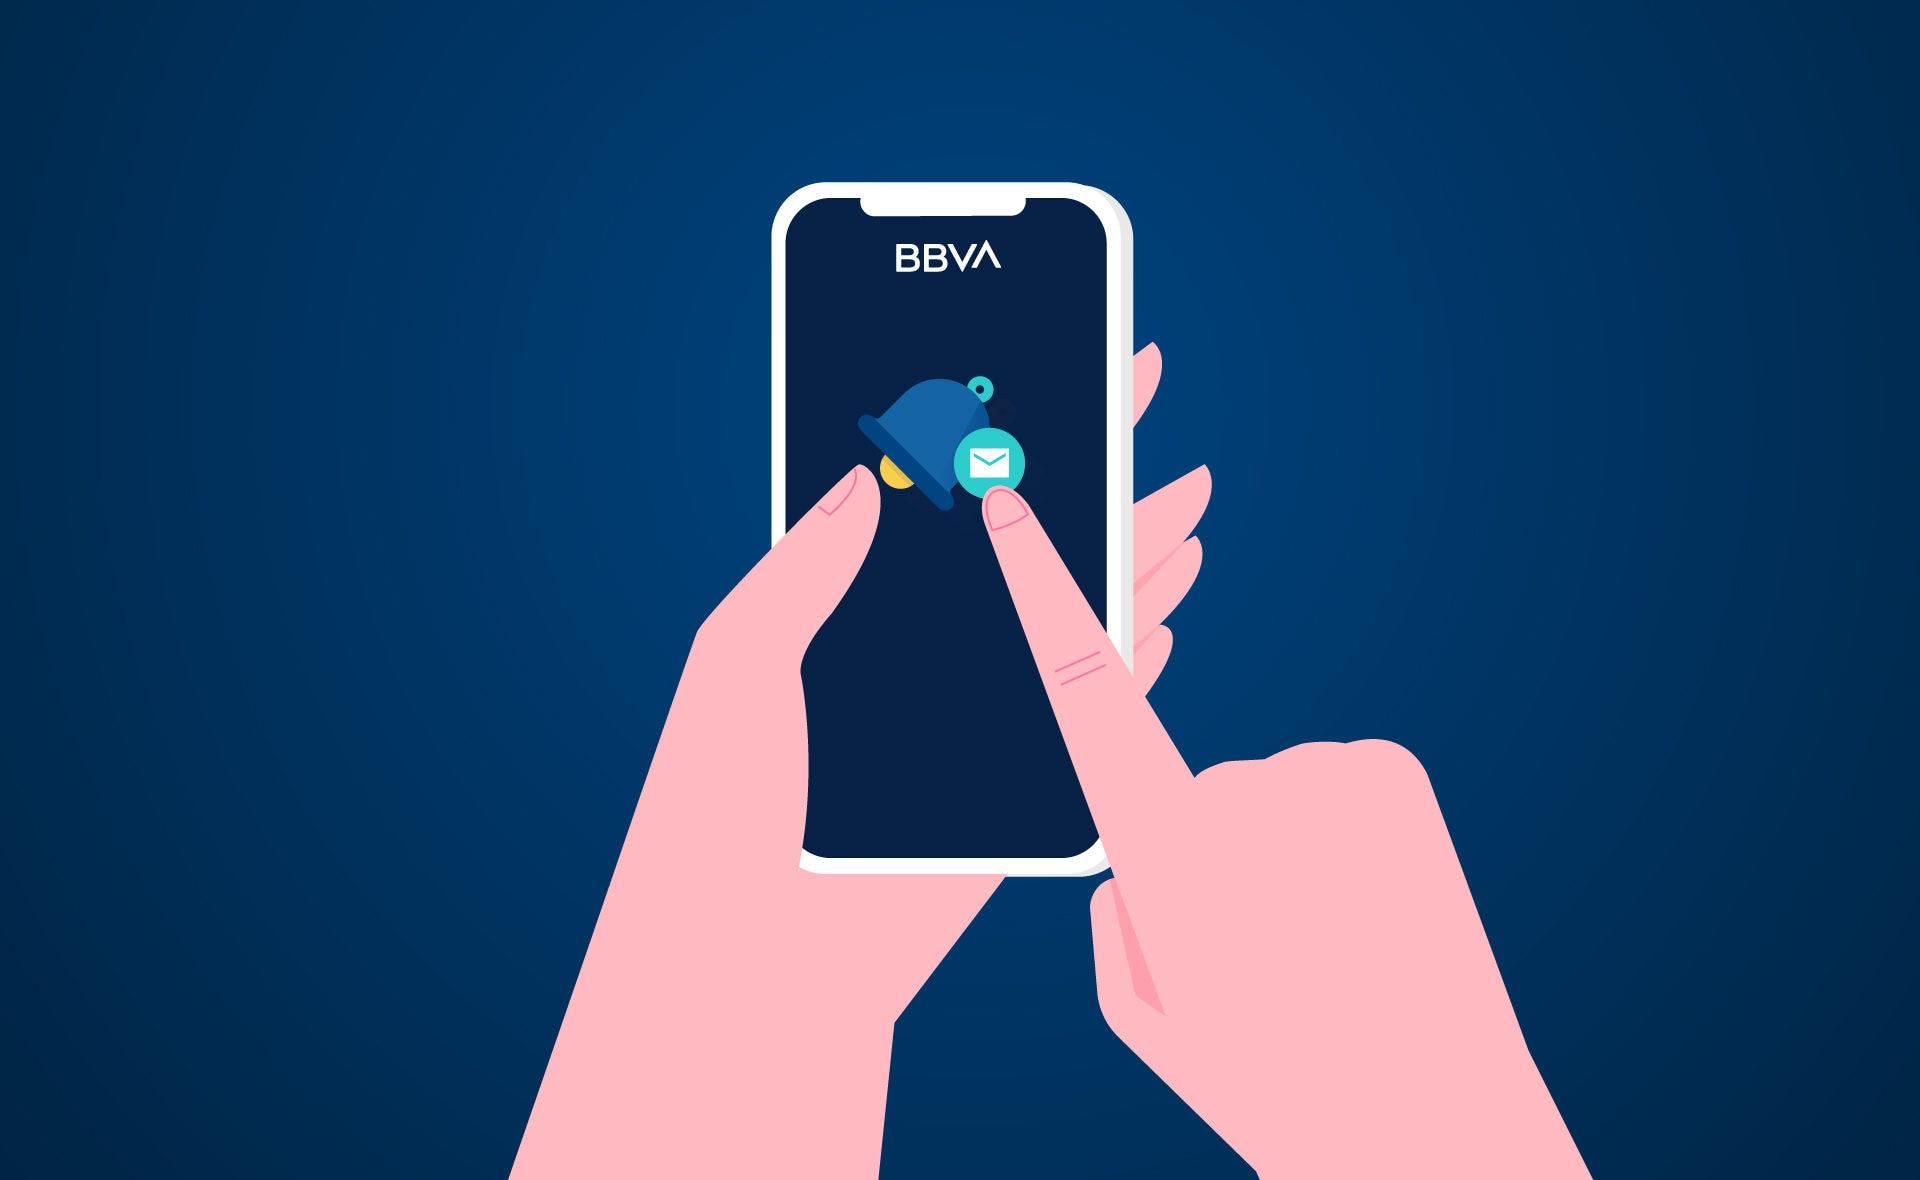 BBVA-digitalizacion-correspondecia-menores